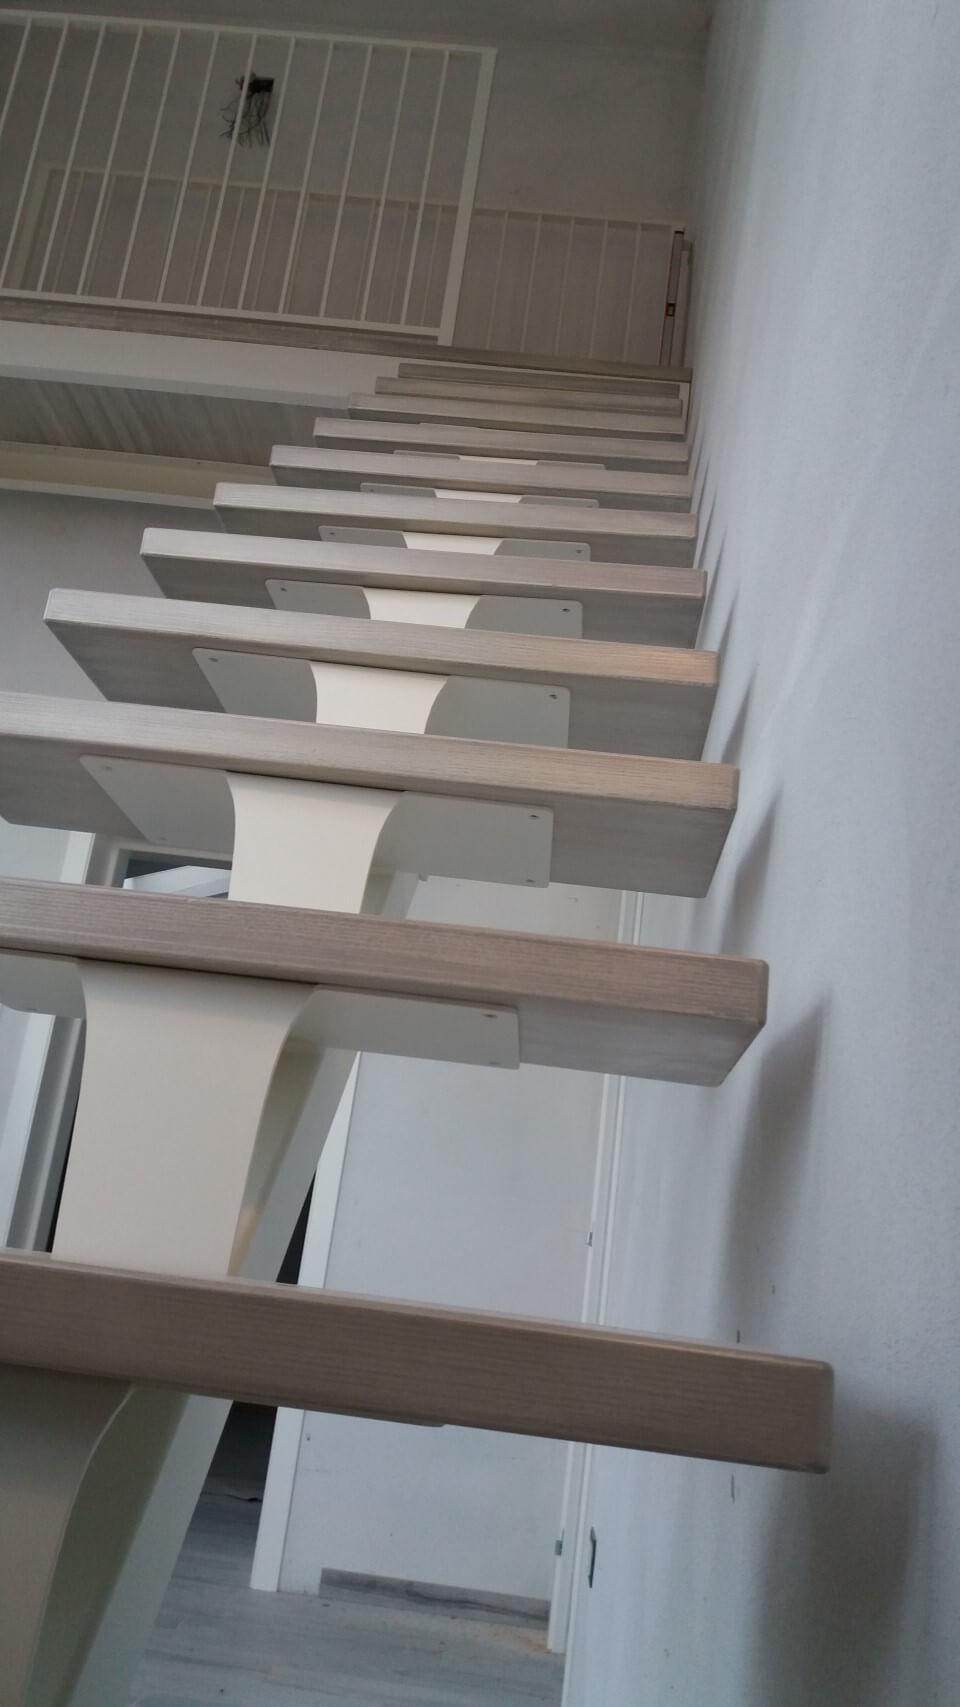 dettaglio scale con gradino in legno